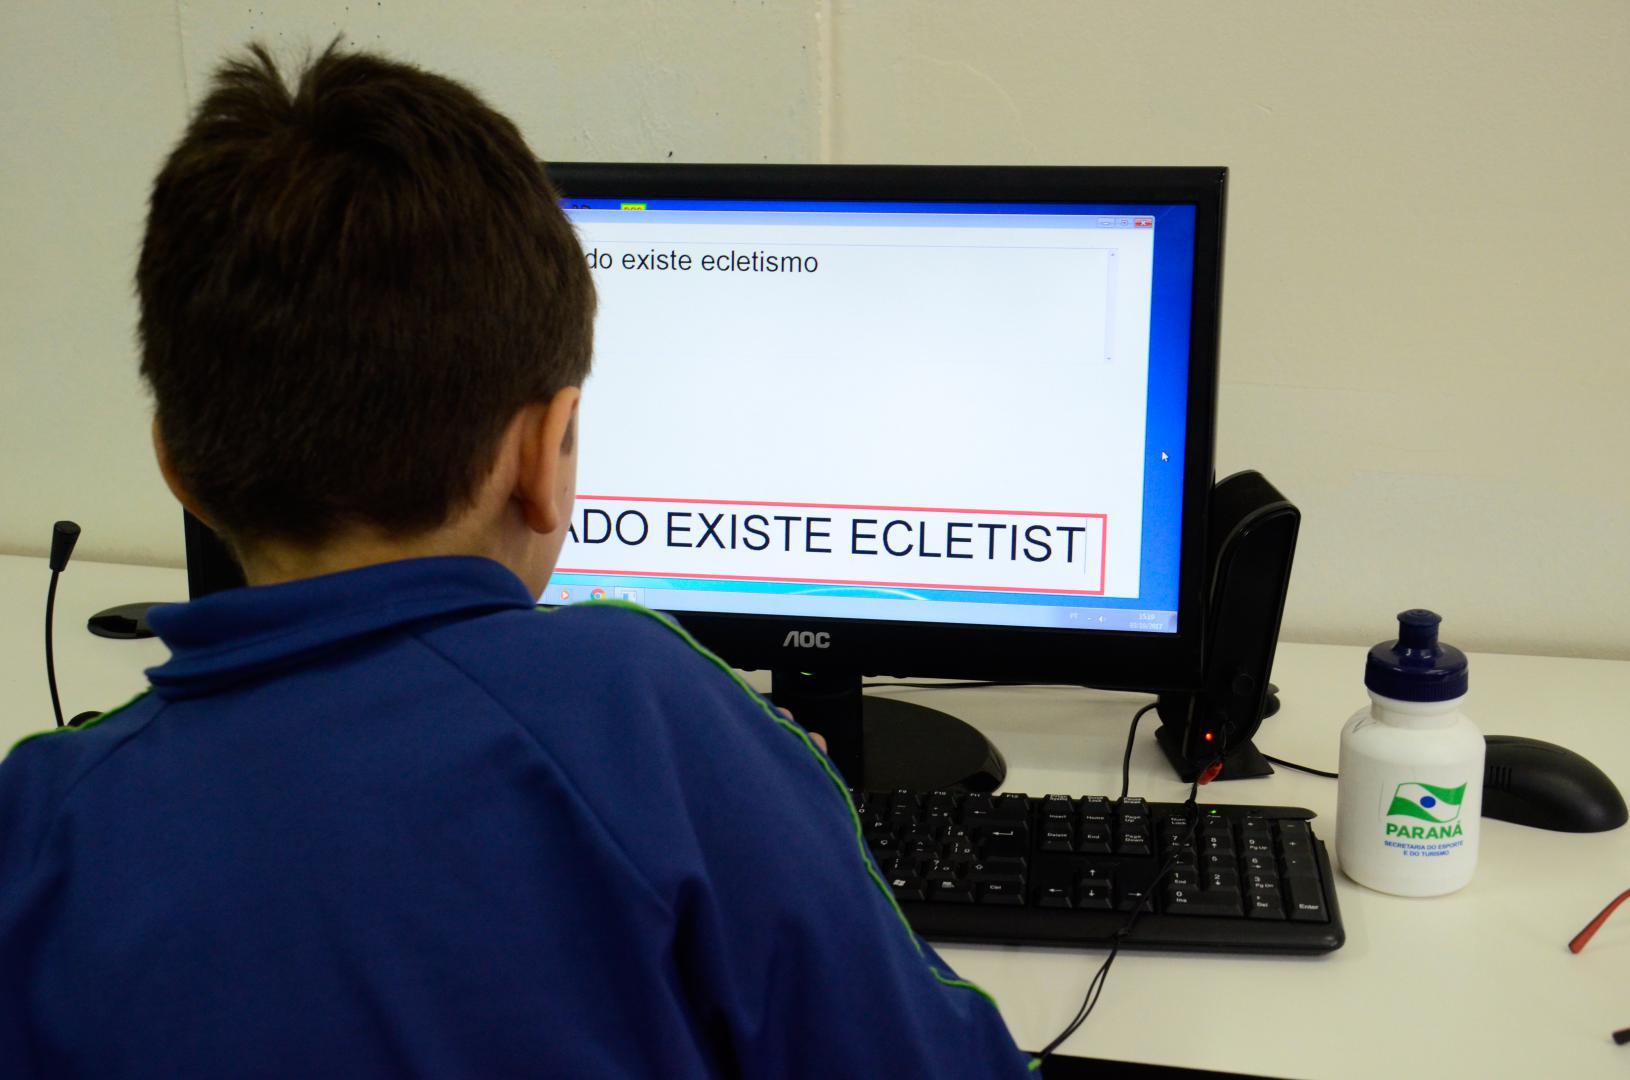 a imagem mostra um aluno criança de costas, sentado de frente para um computador, que tem texto sendo mostrado na tela.